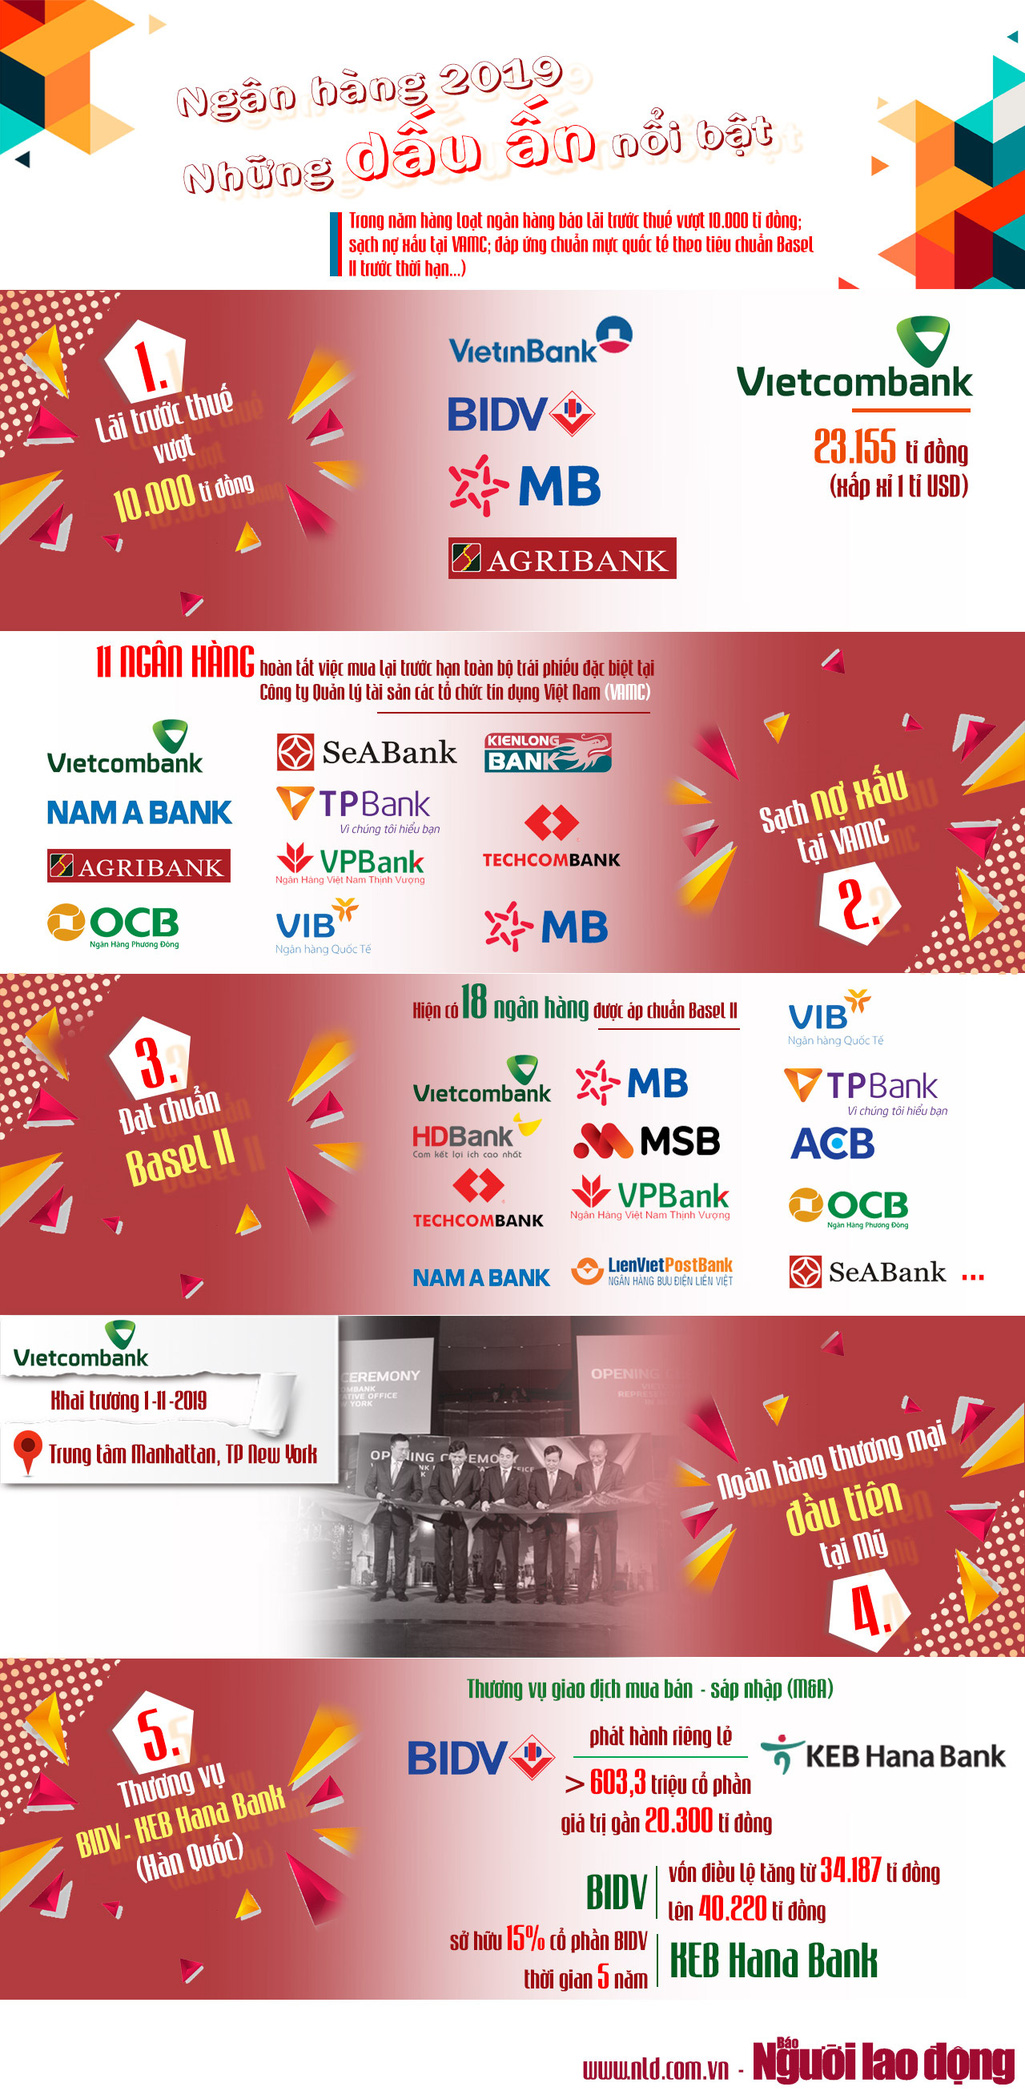 [Infographic] Những dấu ấn nổi bật của ngành ngân hàng 2019 - 1